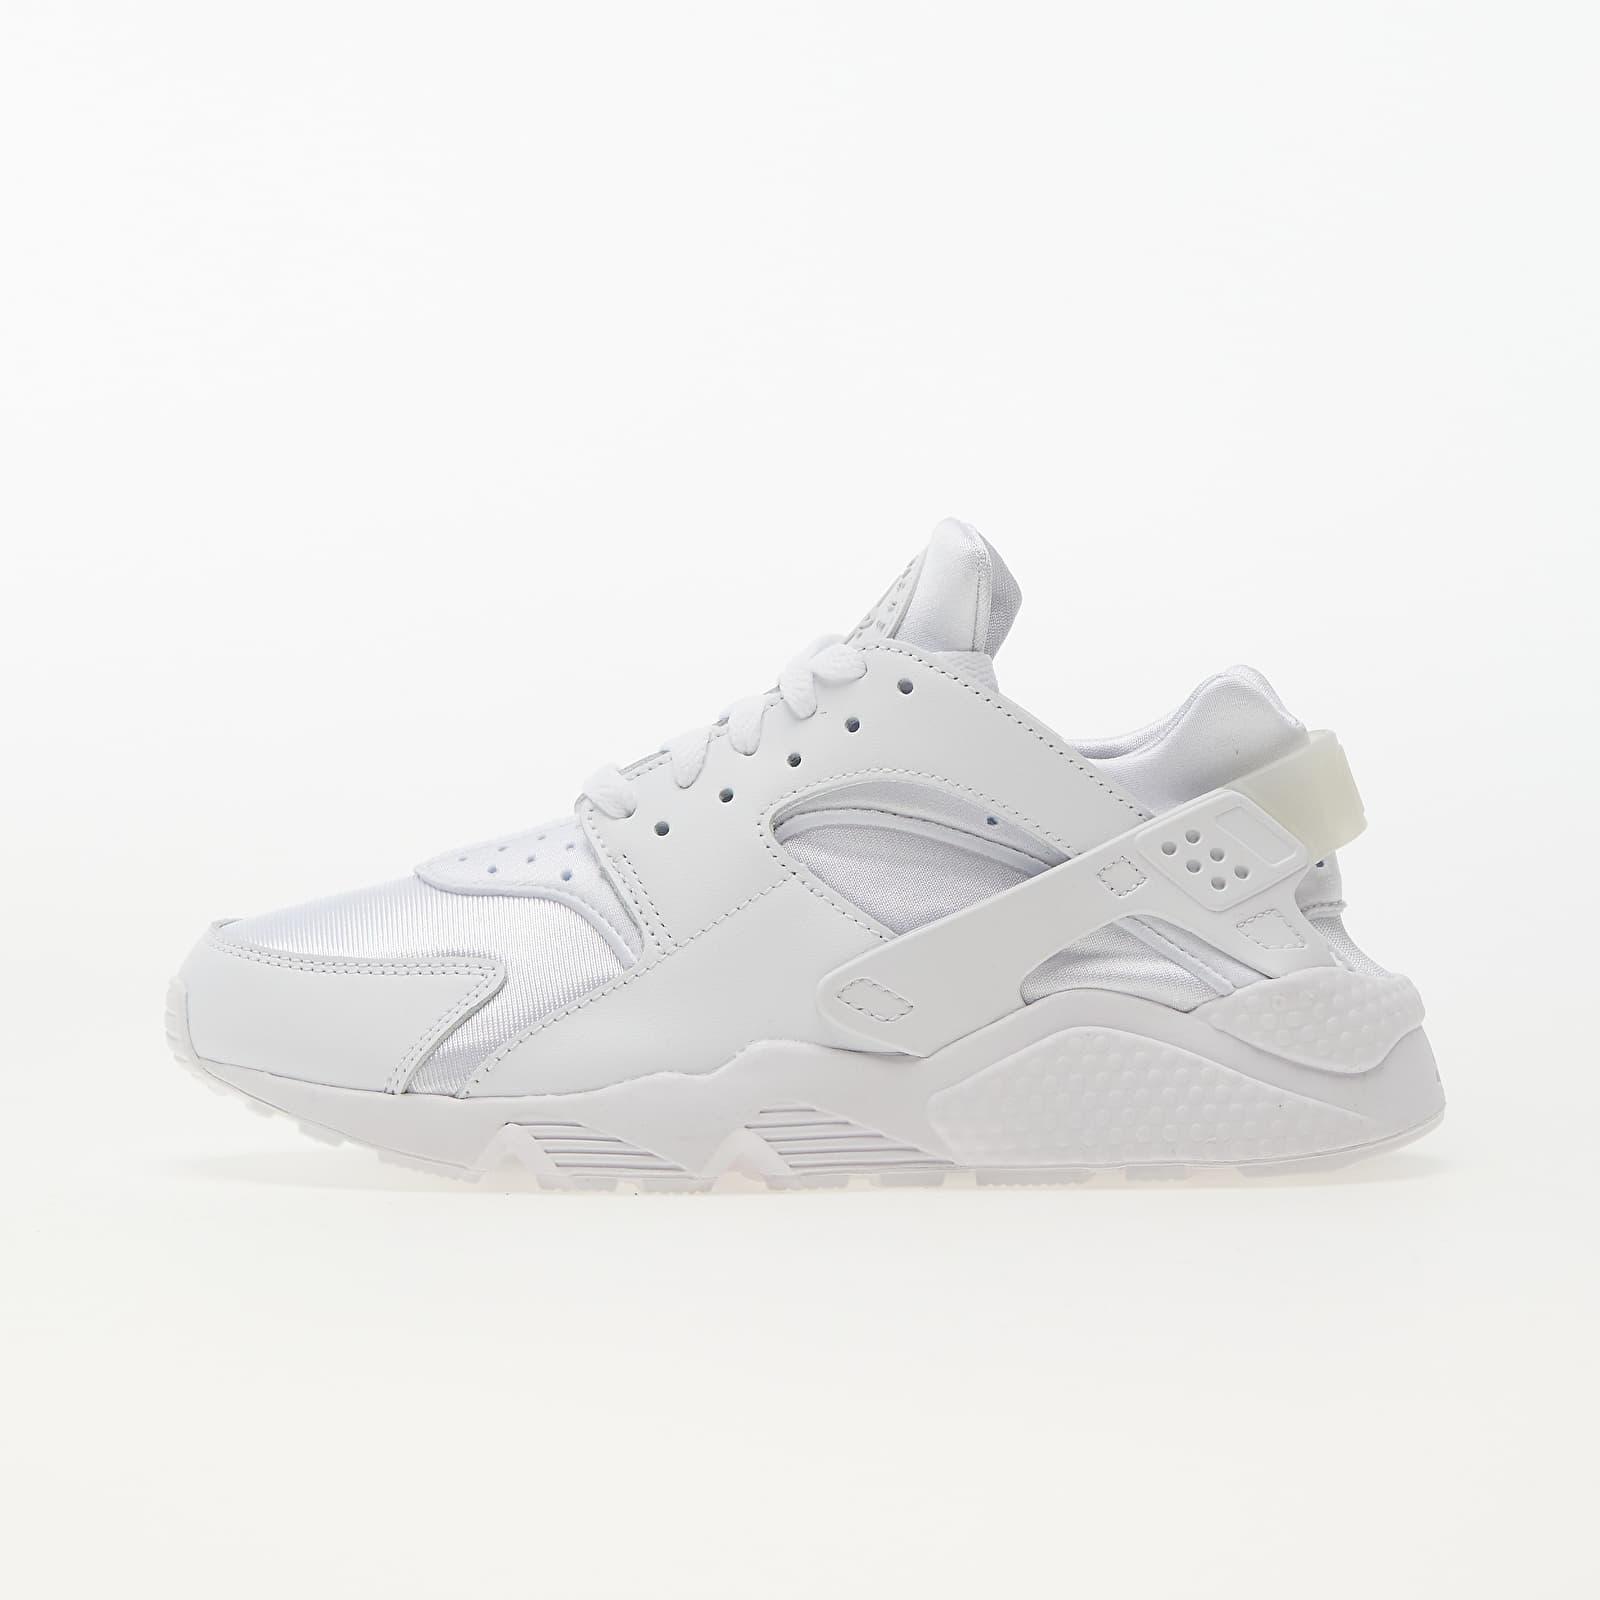 Nike W Air Huarache White/ Pure Platinum EUR 36.5